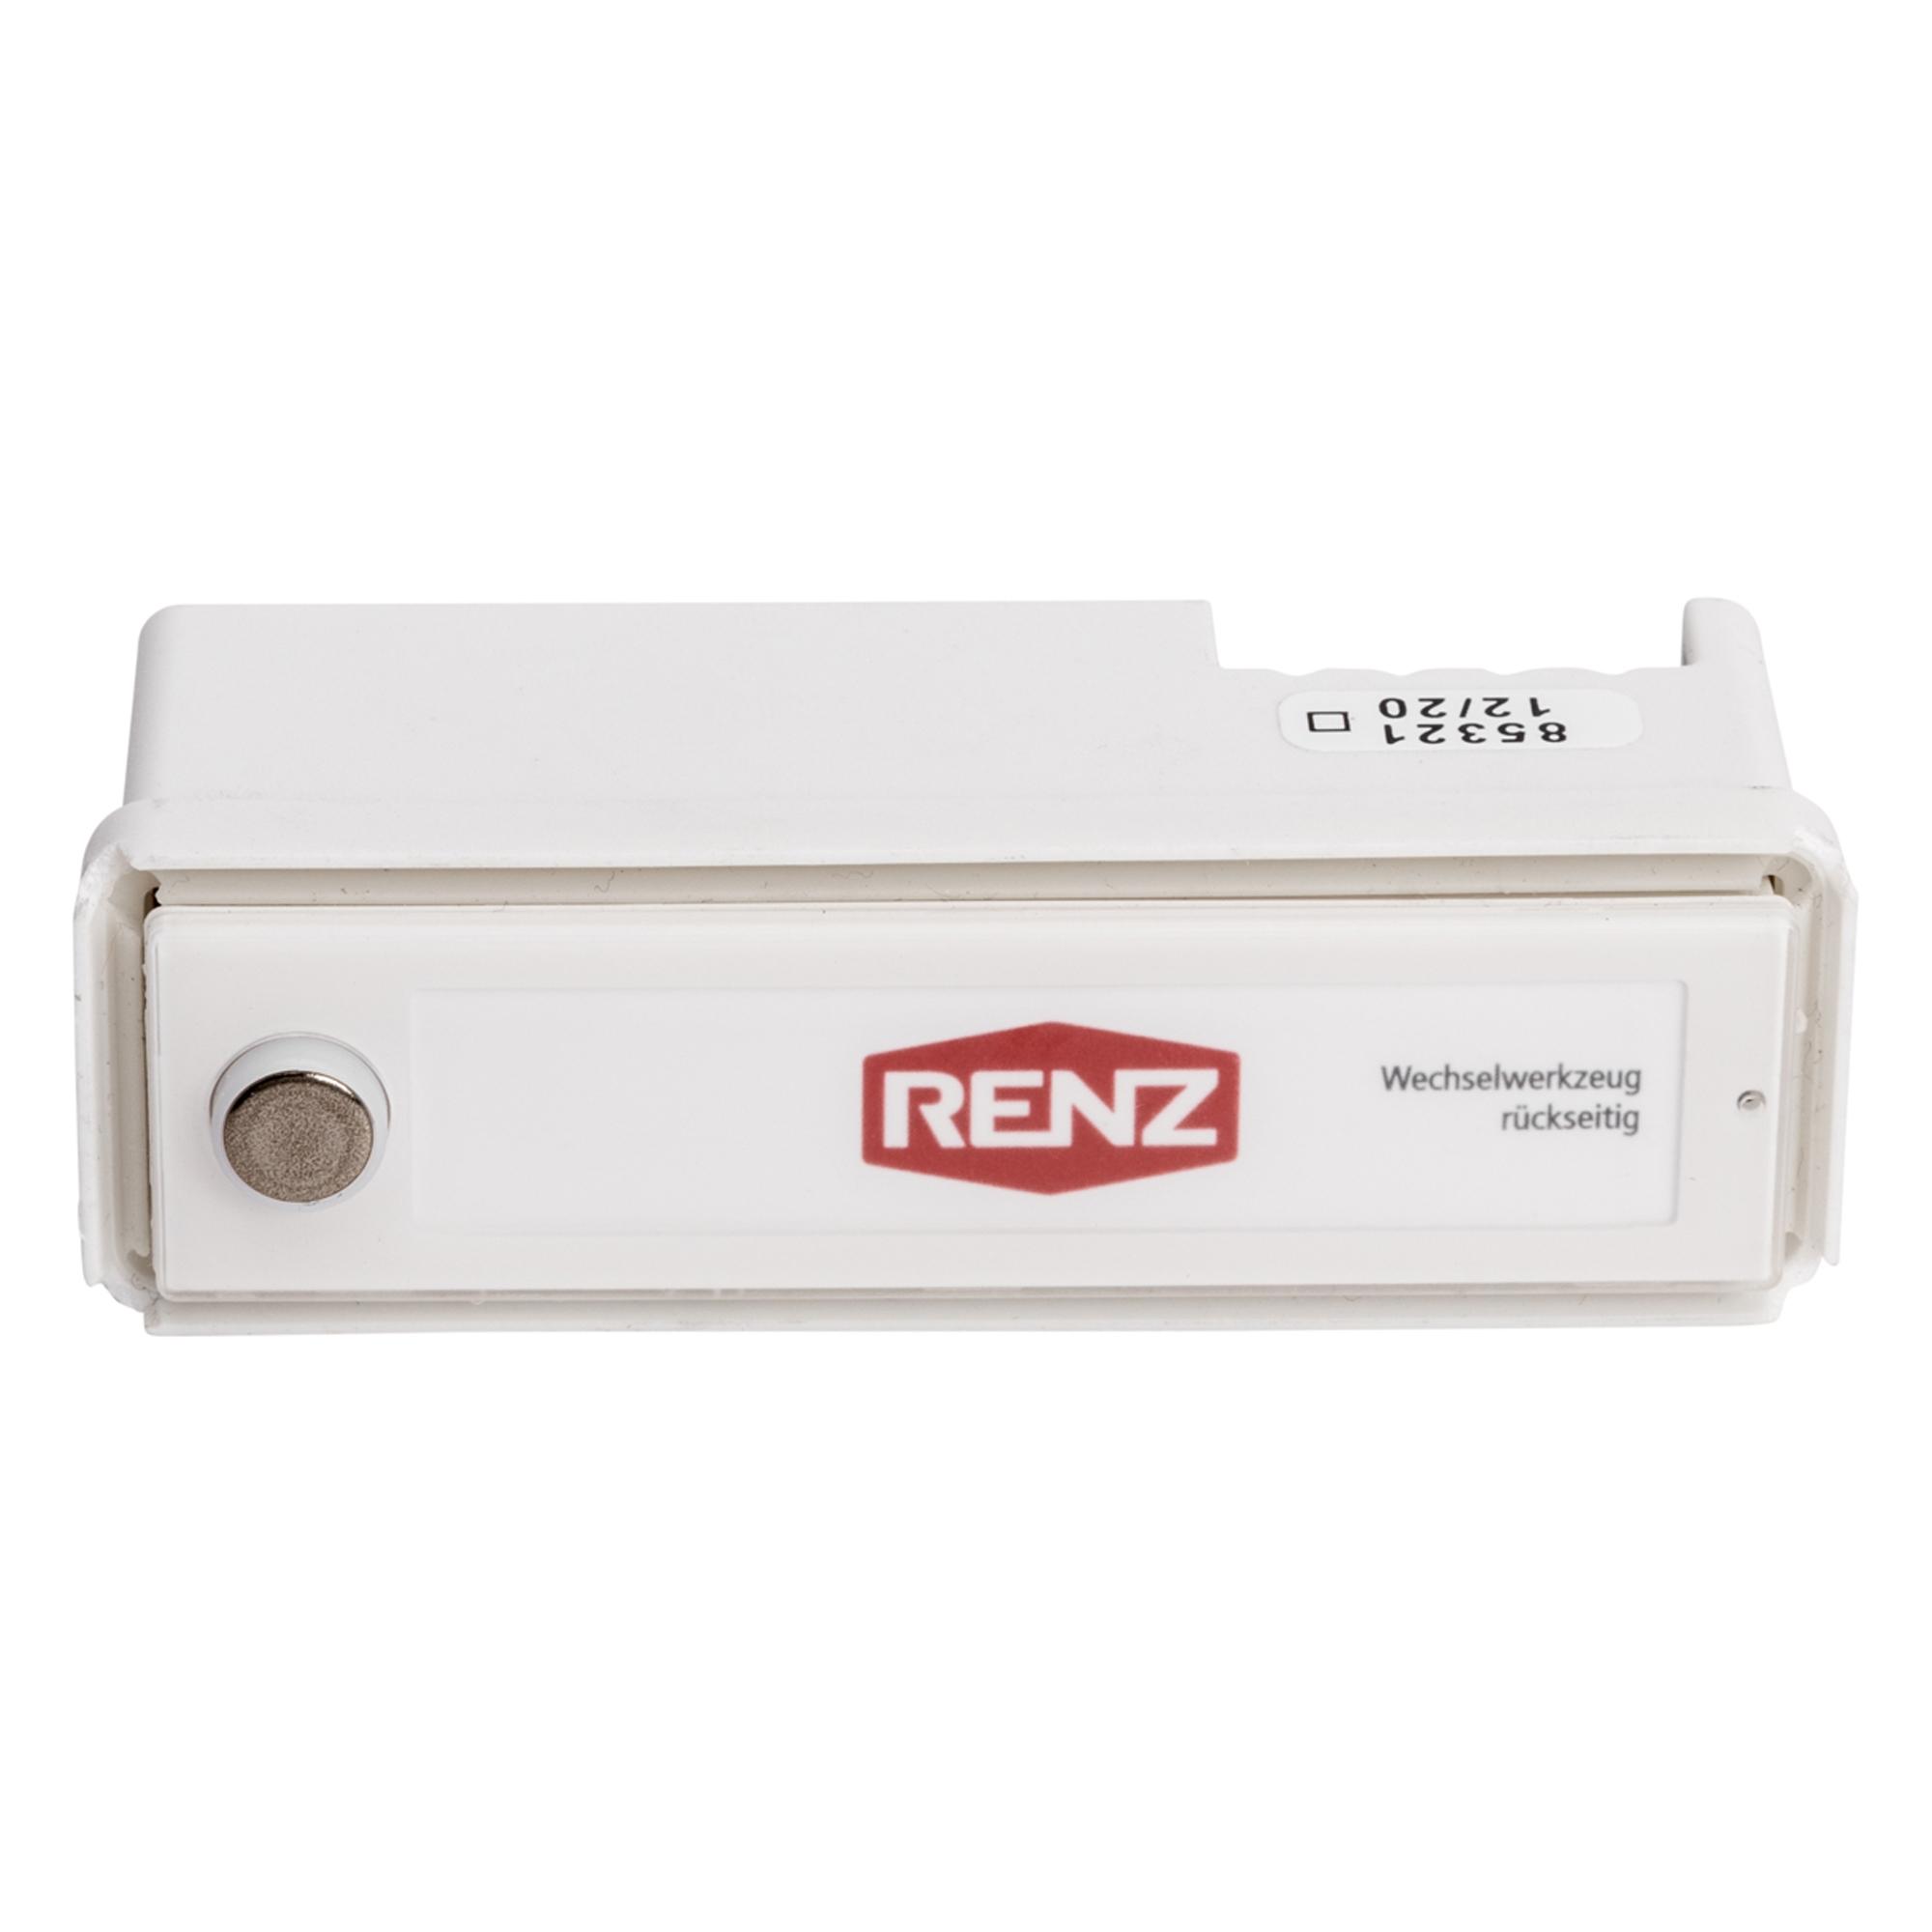 RSA2-kompakt Kunststoff-Namensschild mit Edelstahlknopf (mit Gehäuse)